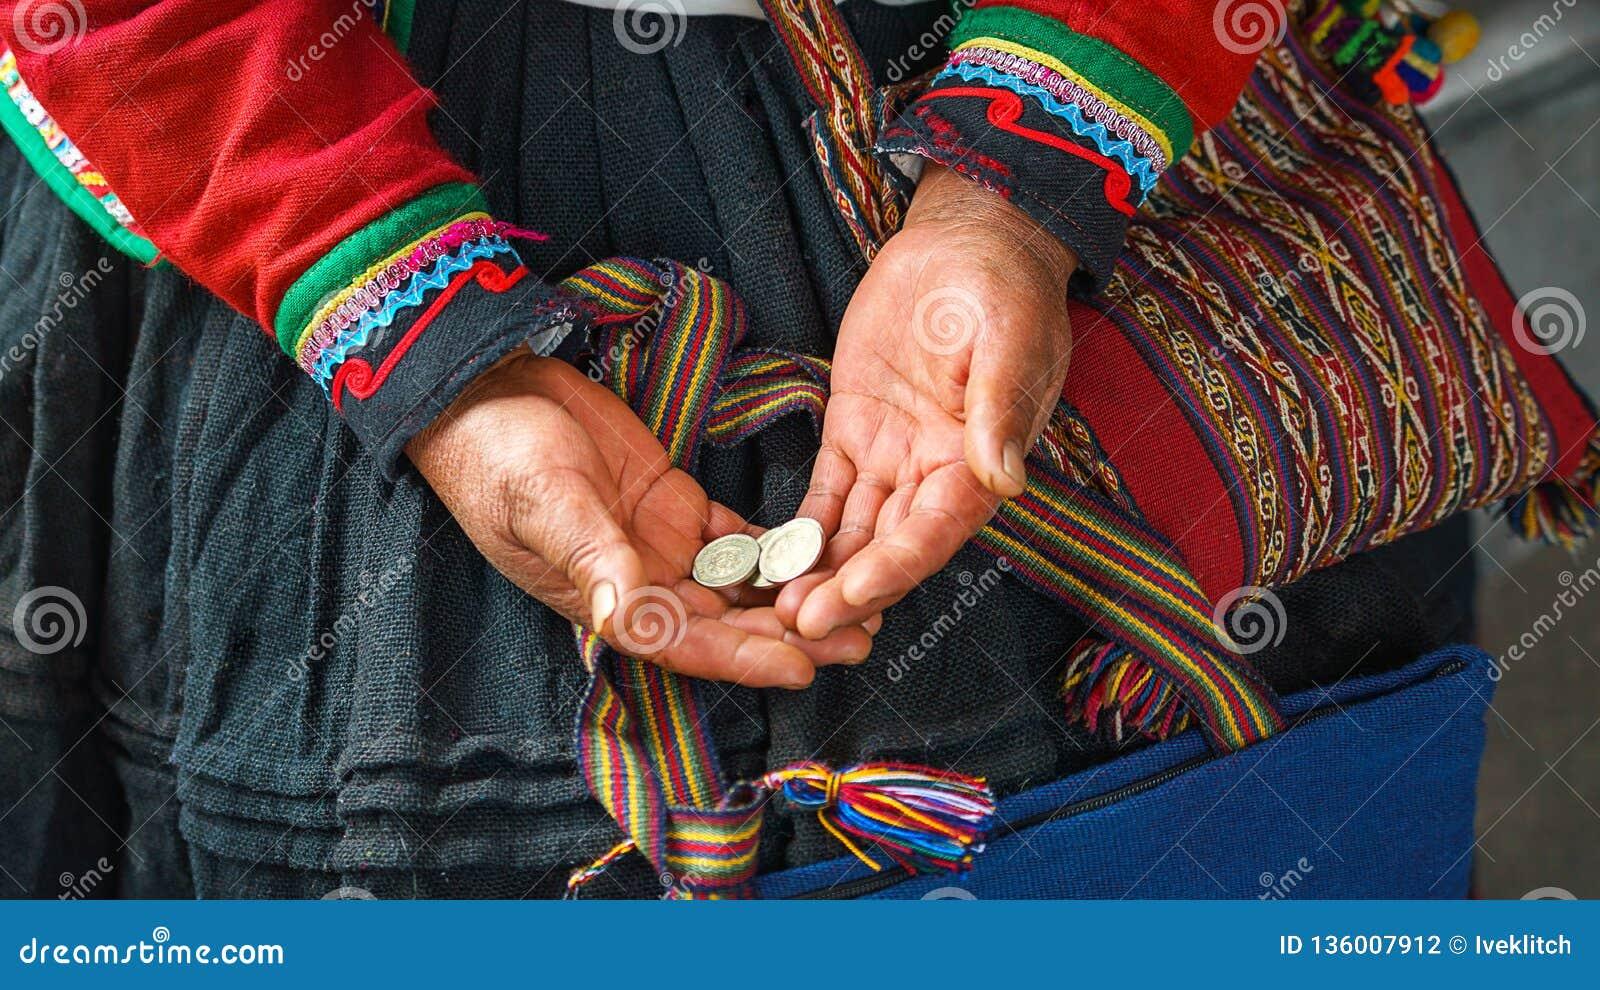 Close up of weaving and culture in Peru. Cusco, Peru: woman dressed in colorful traditional native Peruvian closing holding